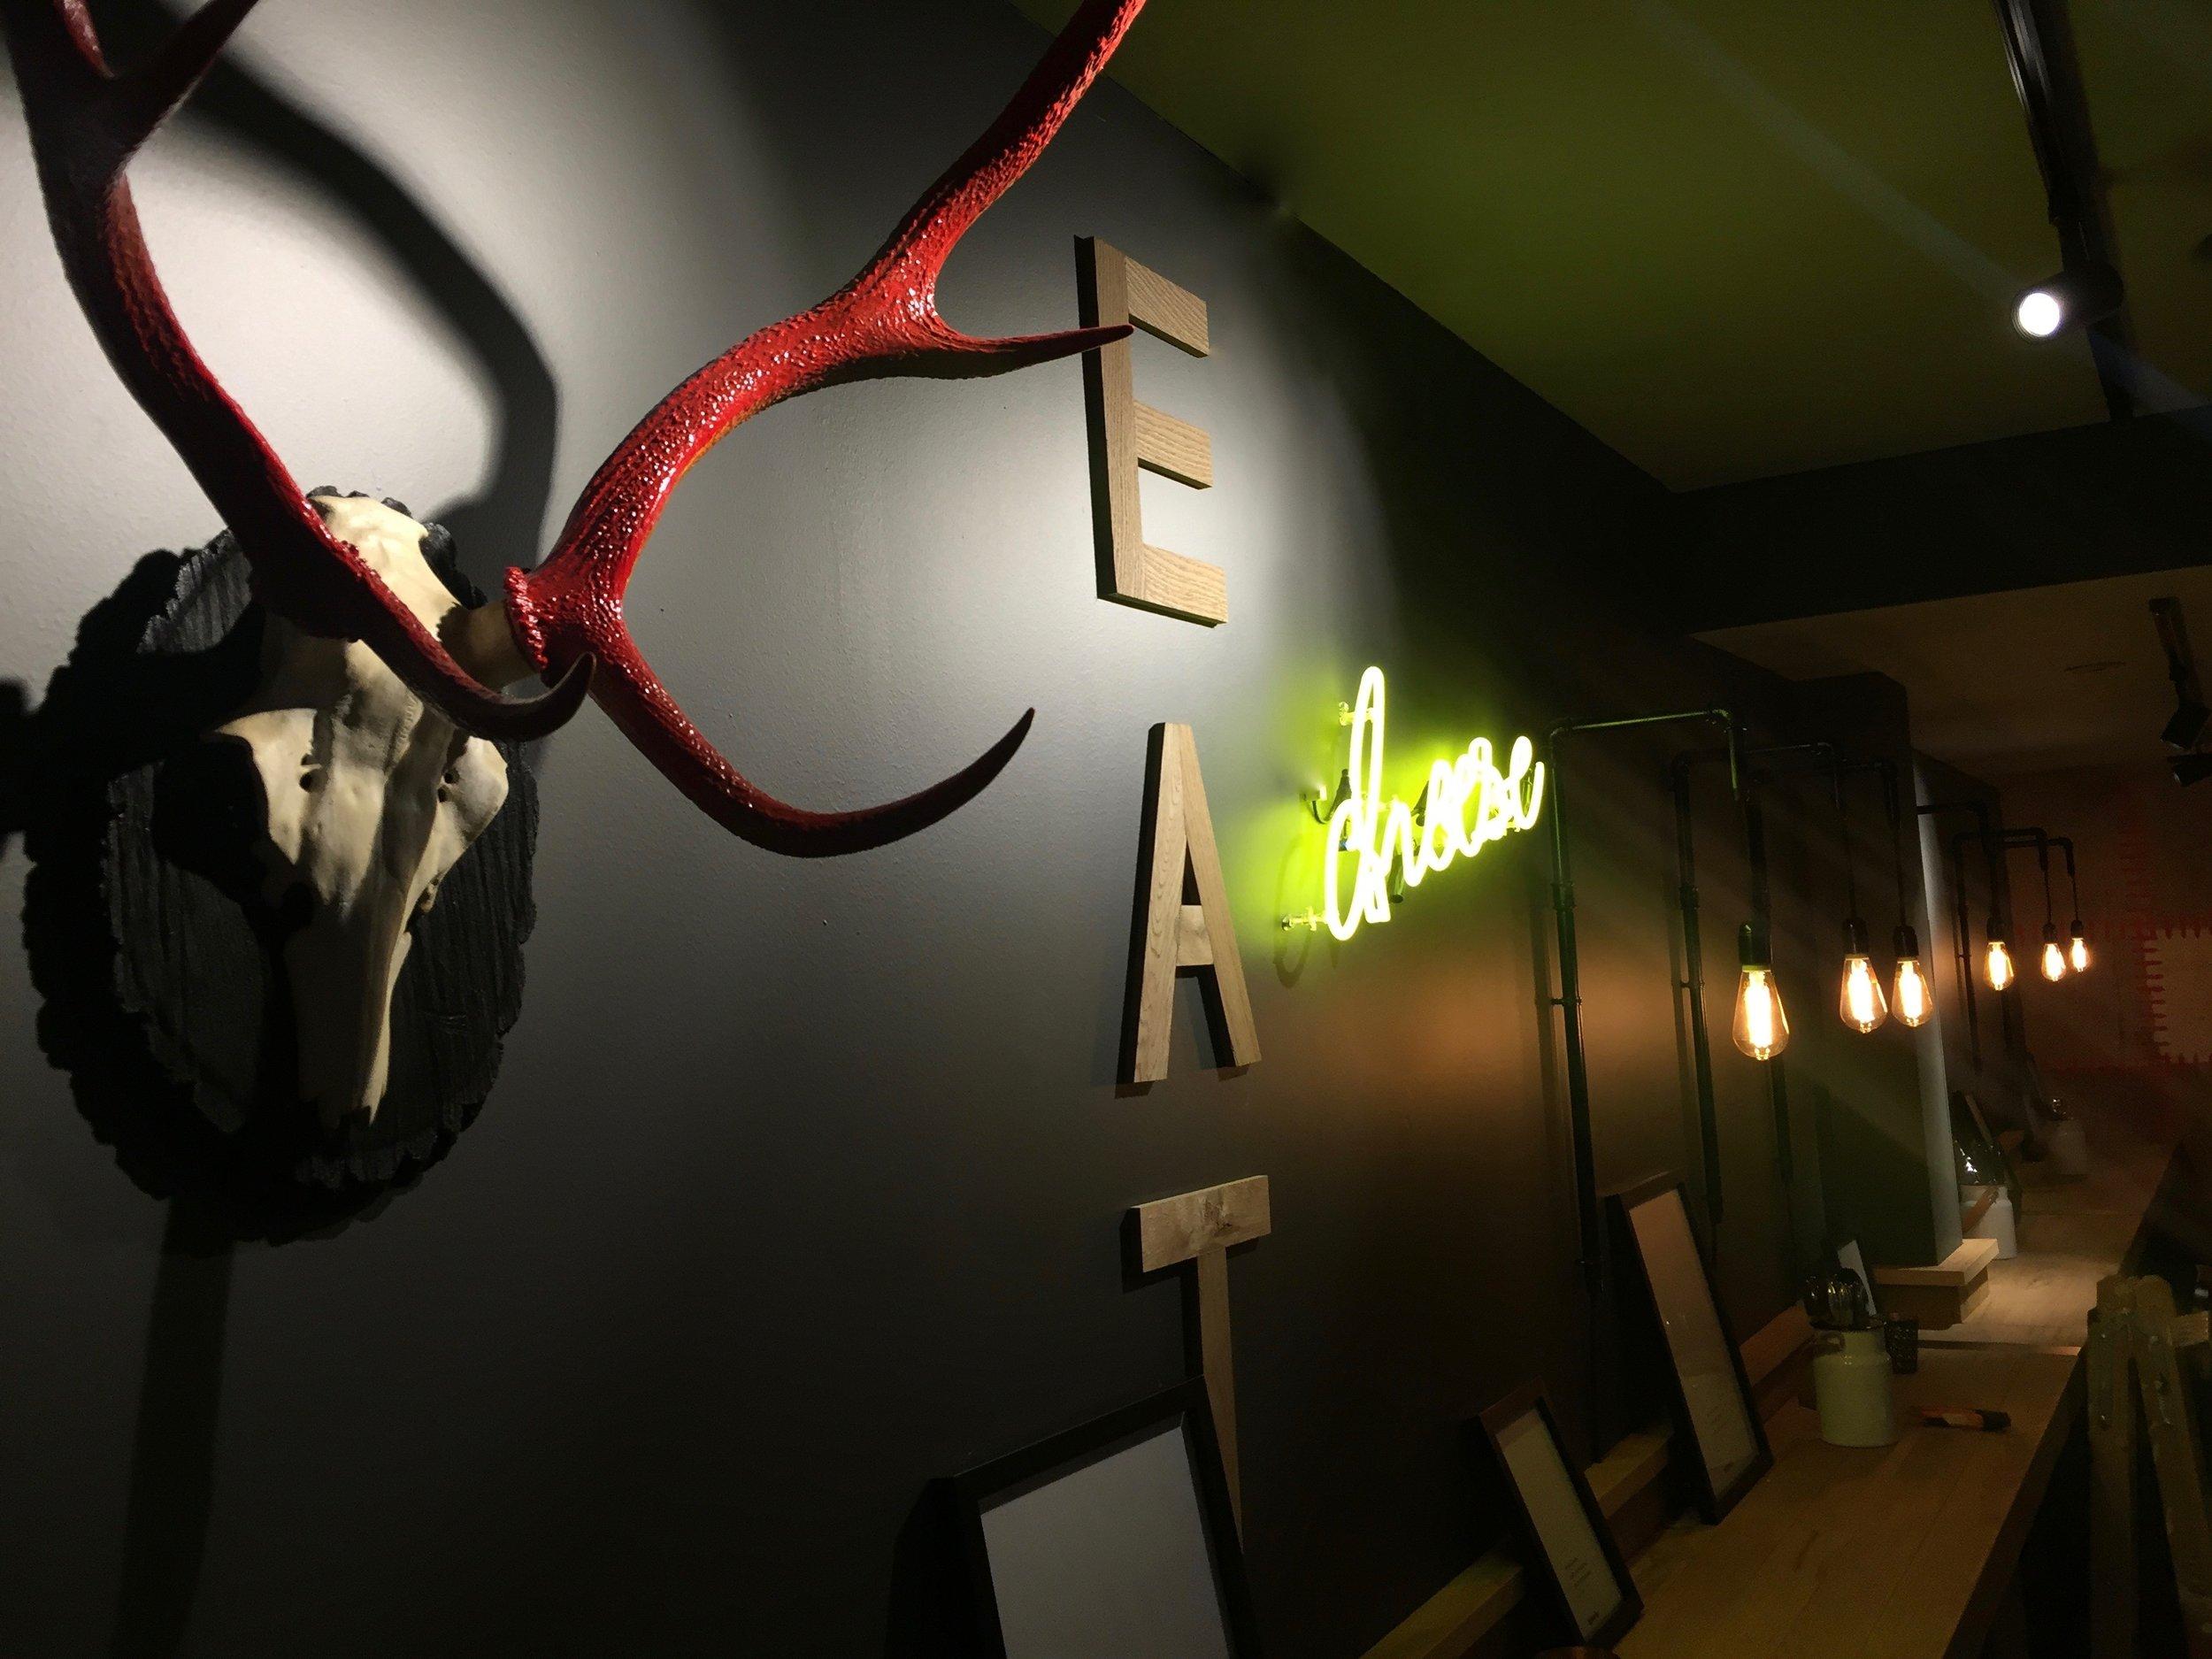 Deko Resaturant Innenacrhitektur Restaurant.jpg